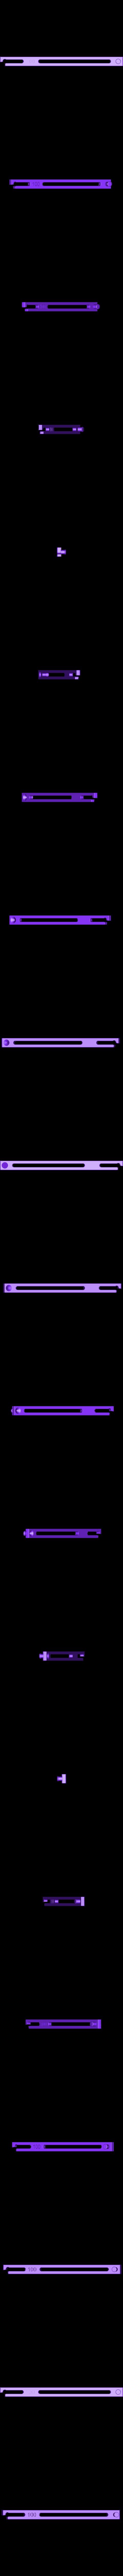 snapStick_100mm.stl Download free STL file Snap Stick, Bar, Interlocking, Math • 3D print model, LGBU